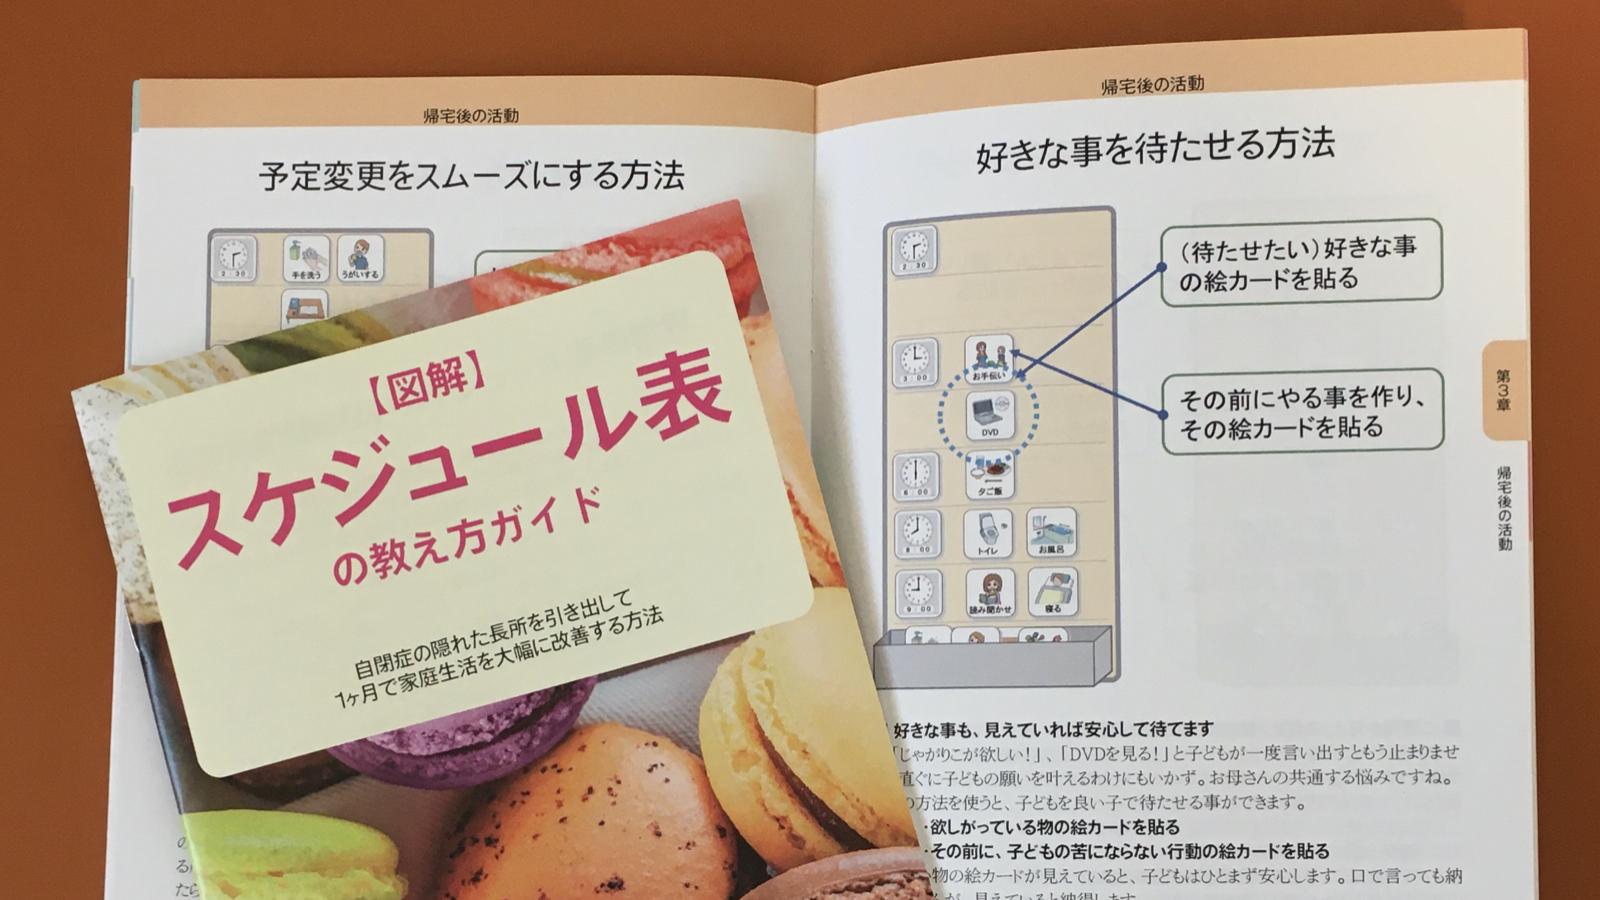 【図解】スケジュール表の教え方ガイド